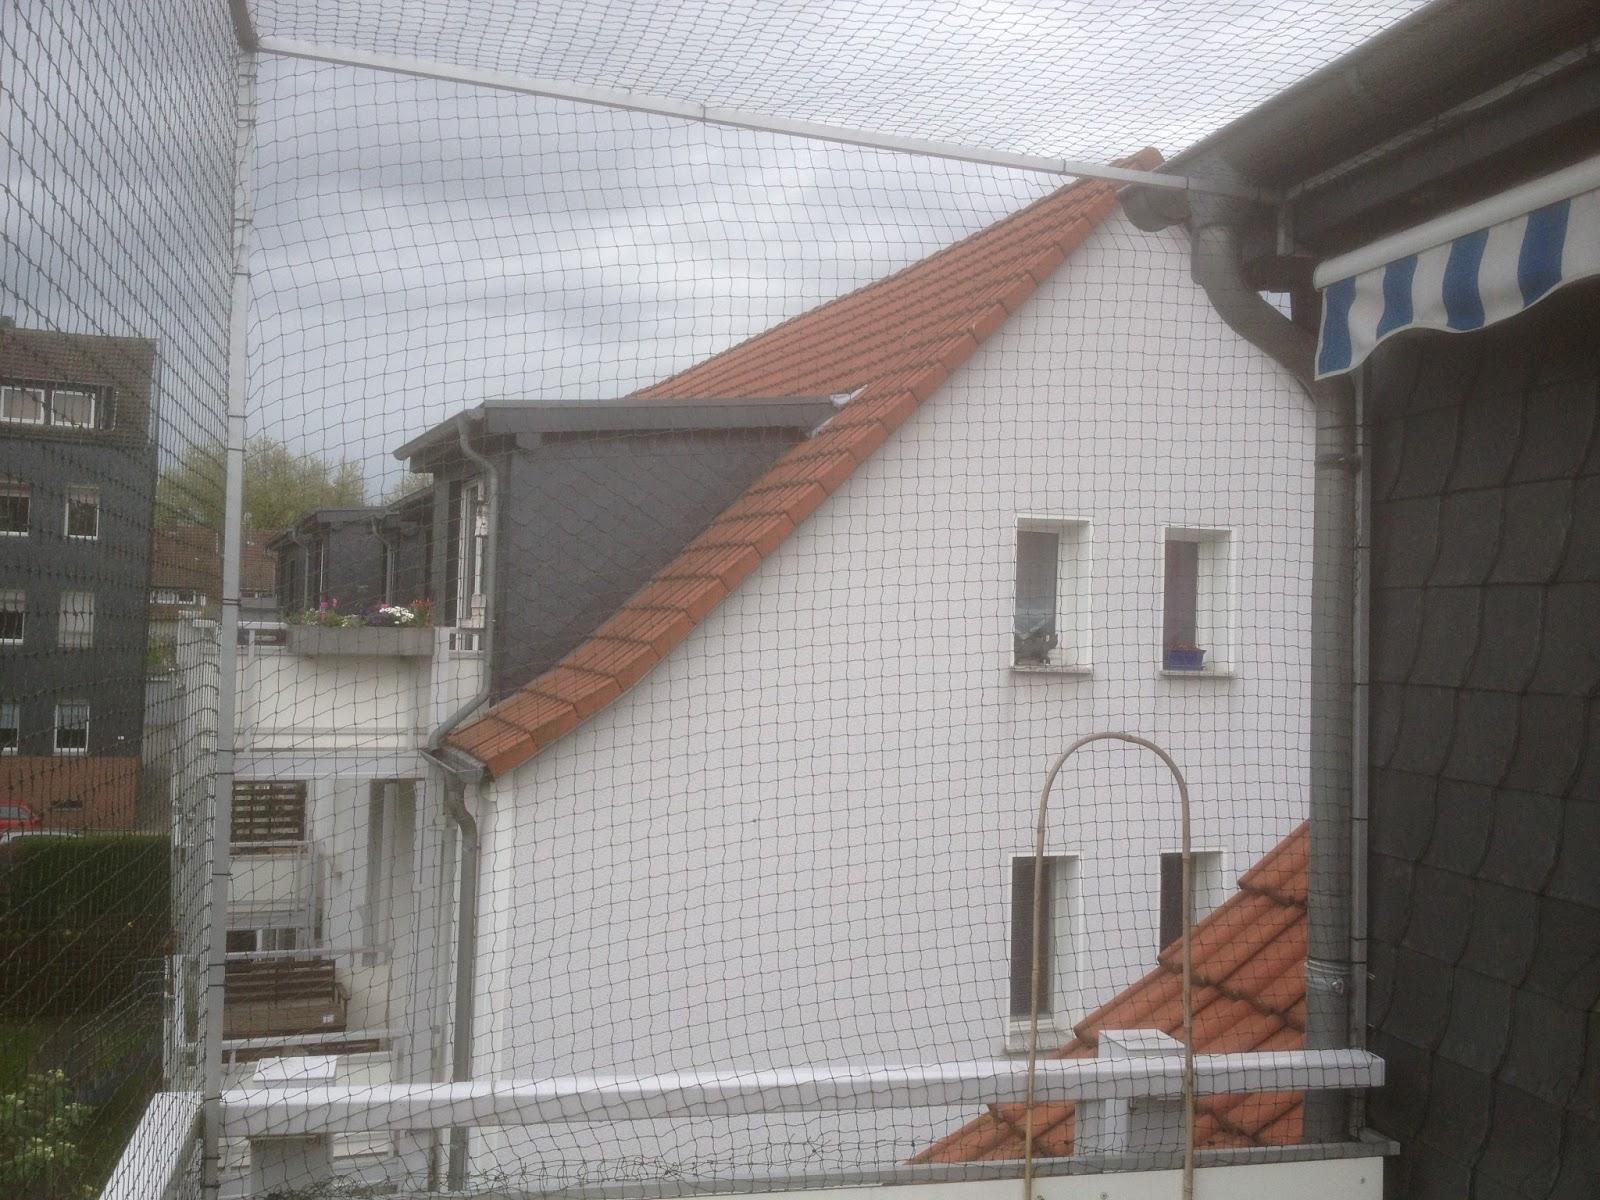 katzennetz nrw die adresse f r ein katzennetz katzennetz balkon essen balkon oben offen. Black Bedroom Furniture Sets. Home Design Ideas